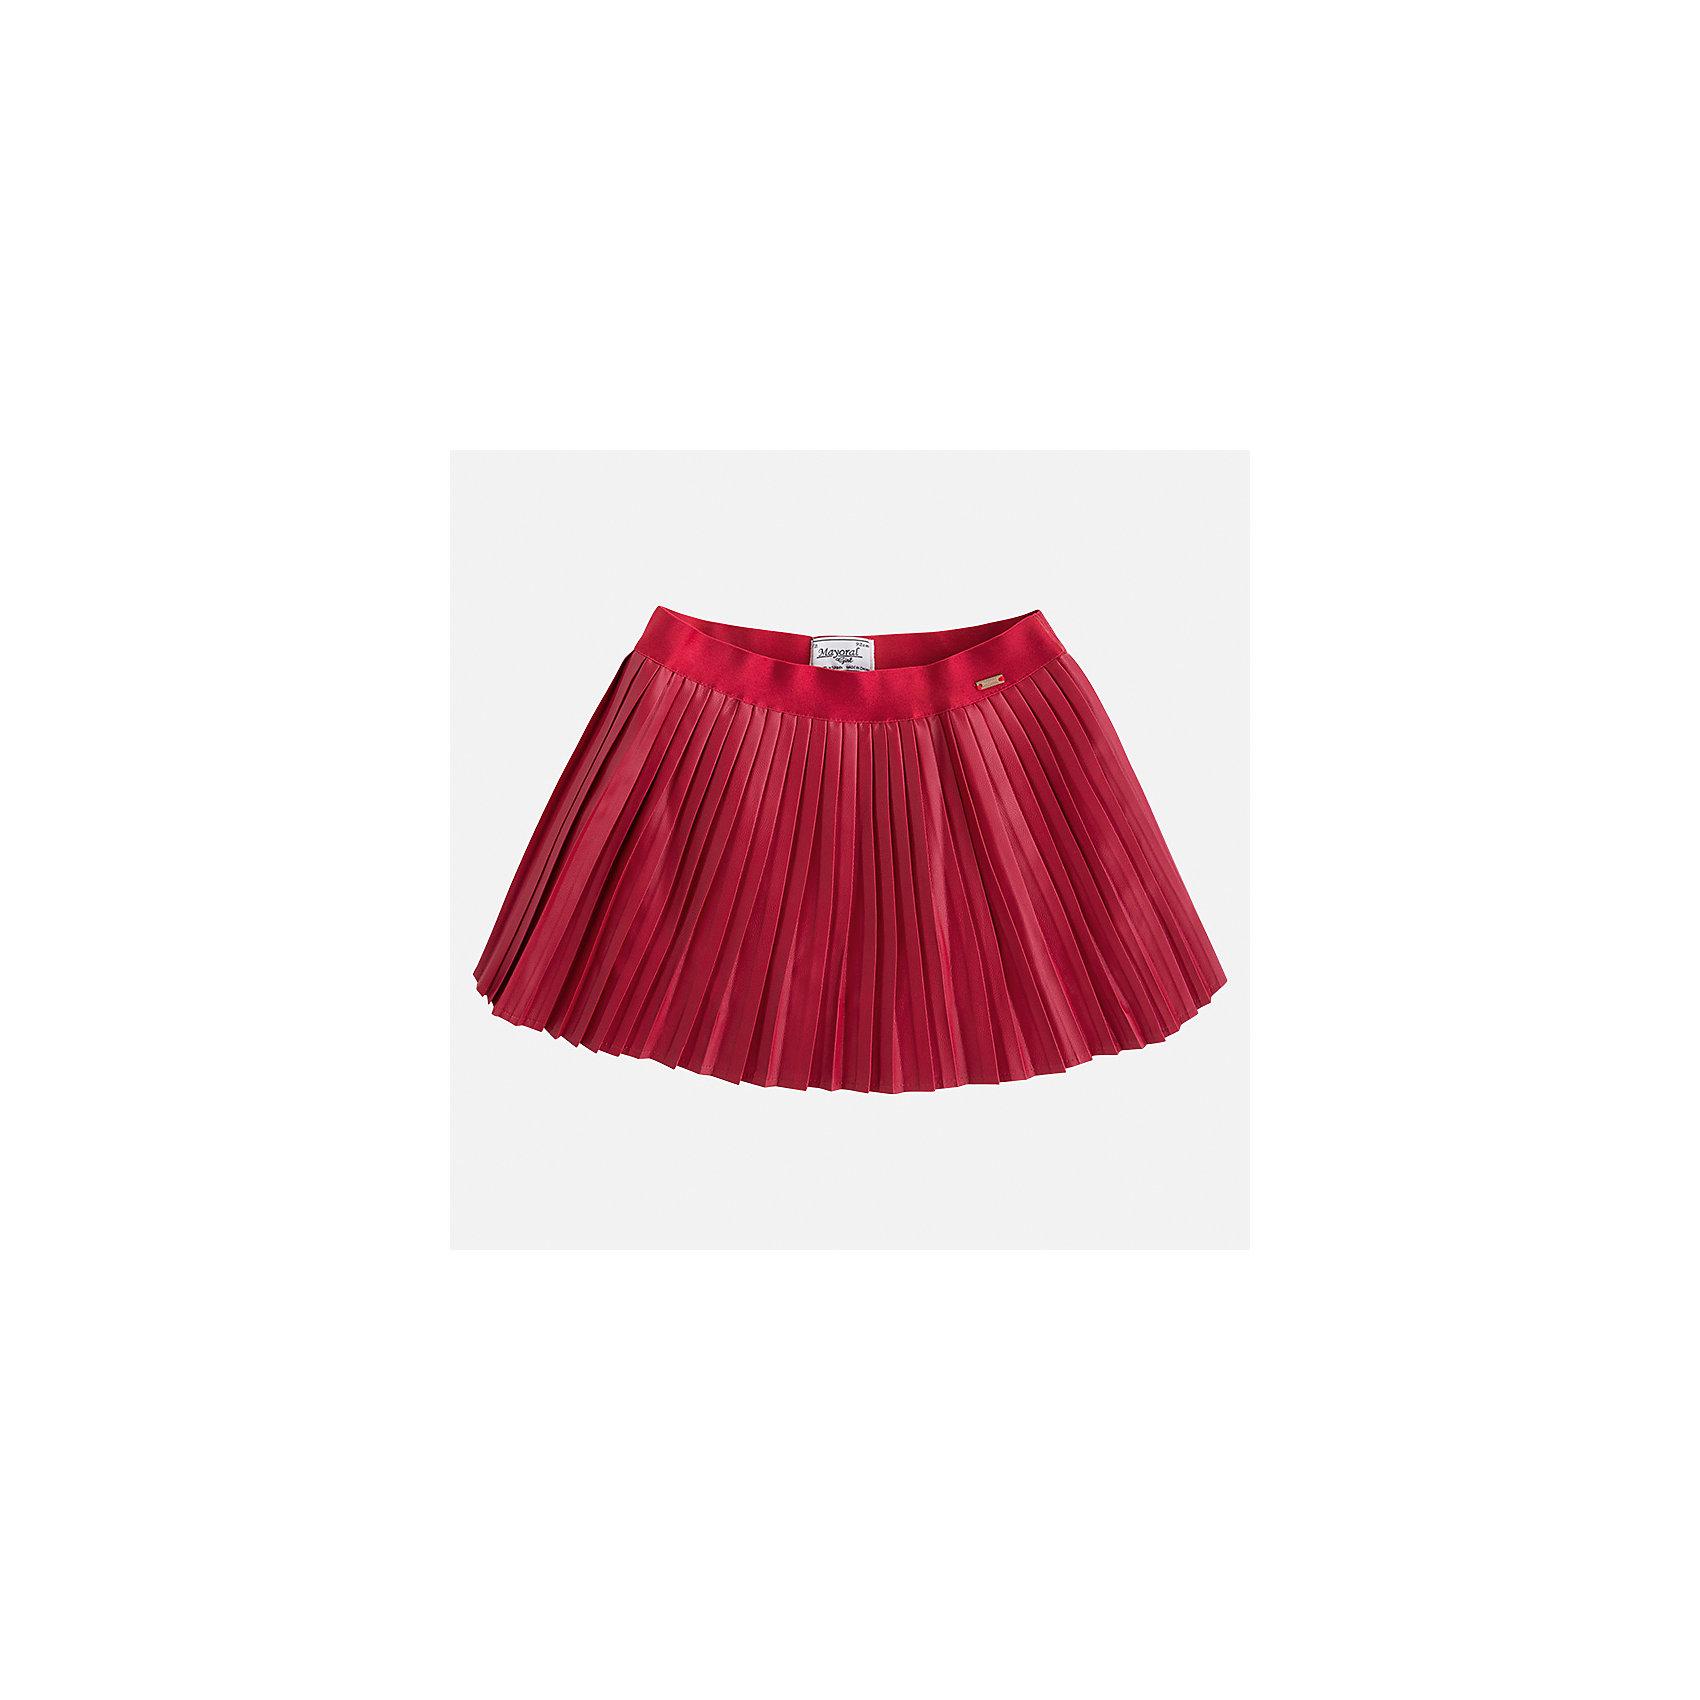 Юбка Mayoral для девочкиЮбки<br>Характеристики товара:<br><br>• цвет: красный<br>• состав ткани: 100% полиуретан, подклад - 100% хлопок<br>• сезон: круглый год<br>• плиссированная<br>• особенности модели: нарядная<br>• страна бренда: Испания<br>• страна изготовитель: Индия<br><br>Такая юбка отличается мелкими плиссированными складками. Детская юбка от бренда Майорал поможет девочке выглядеть женственно и стильно. <br><br>Детская одежда от испанской компании Mayoral отличаются оригинальным и всегда стильным дизайном. Качество продукции неизменно очень высокое.<br><br>Юбку для девочки Mayoral (Майорал) можно купить в нашем интернет-магазине.<br><br>Ширина мм: 207<br>Глубина мм: 10<br>Высота мм: 189<br>Вес г: 183<br>Цвет: красный<br>Возраст от месяцев: 96<br>Возраст до месяцев: 108<br>Пол: Женский<br>Возраст: Детский<br>Размер: 134,98,104,110,116,122,128<br>SKU: 6923082